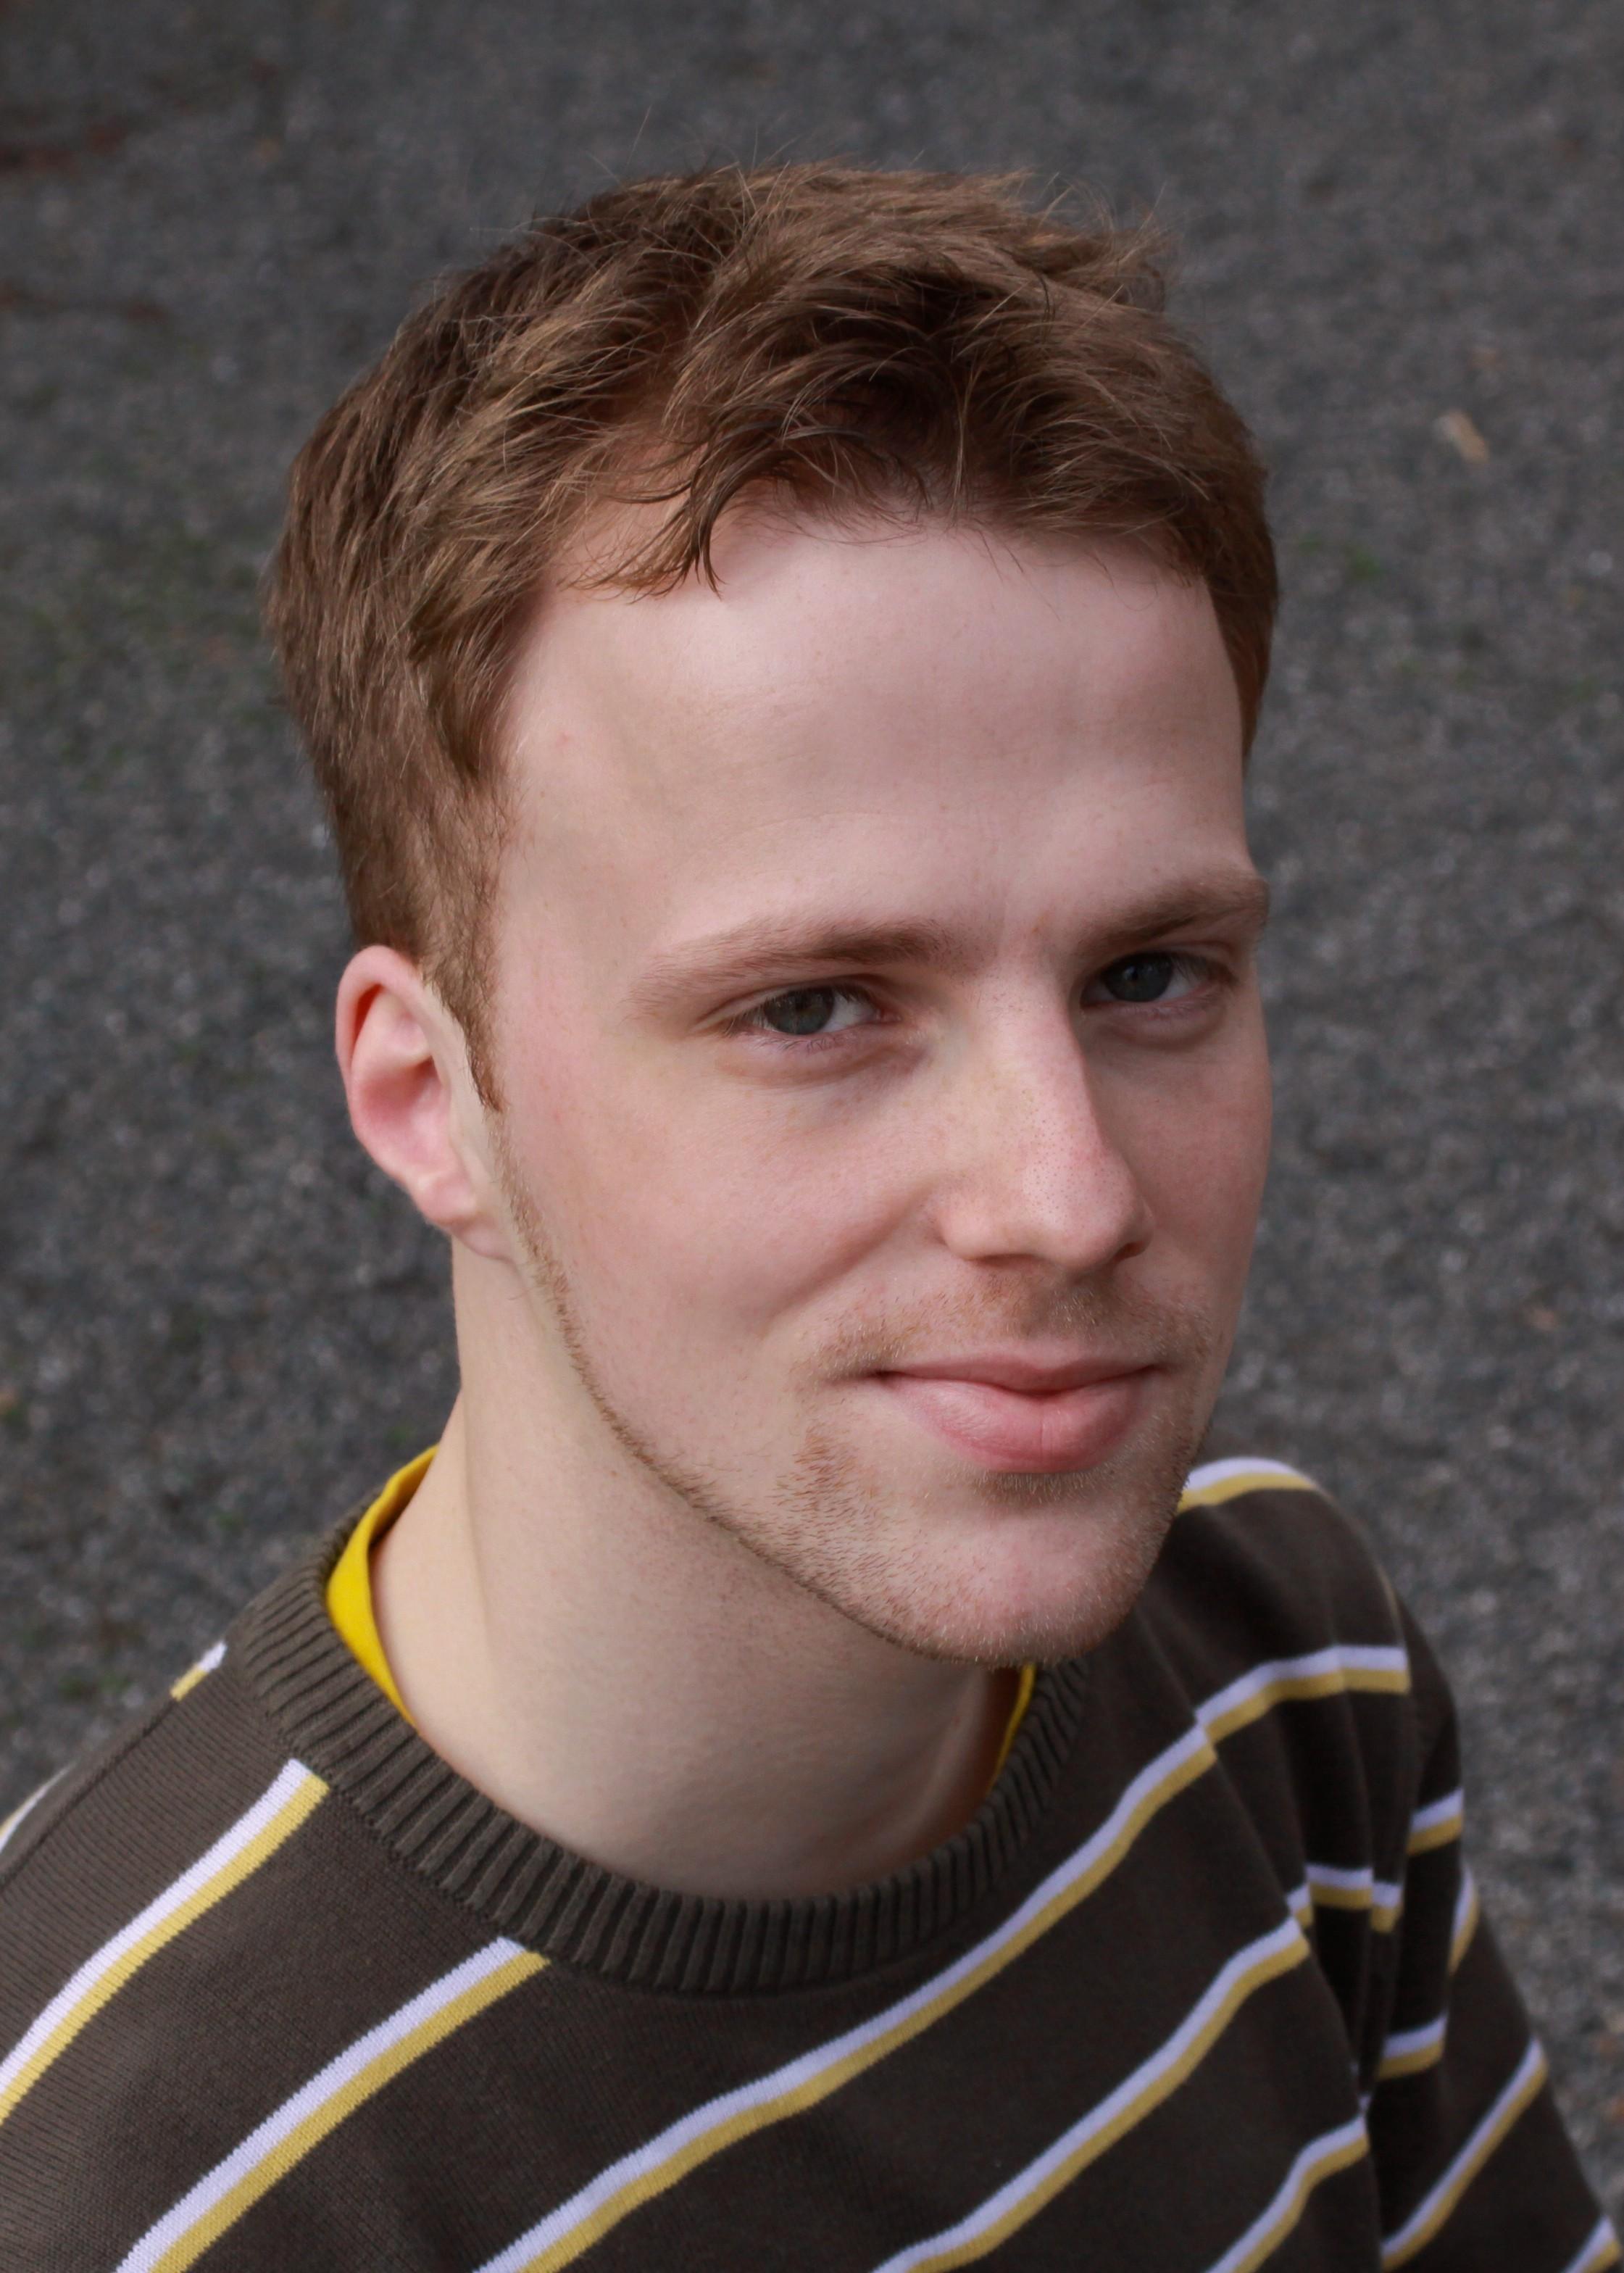 Florian Hartnack